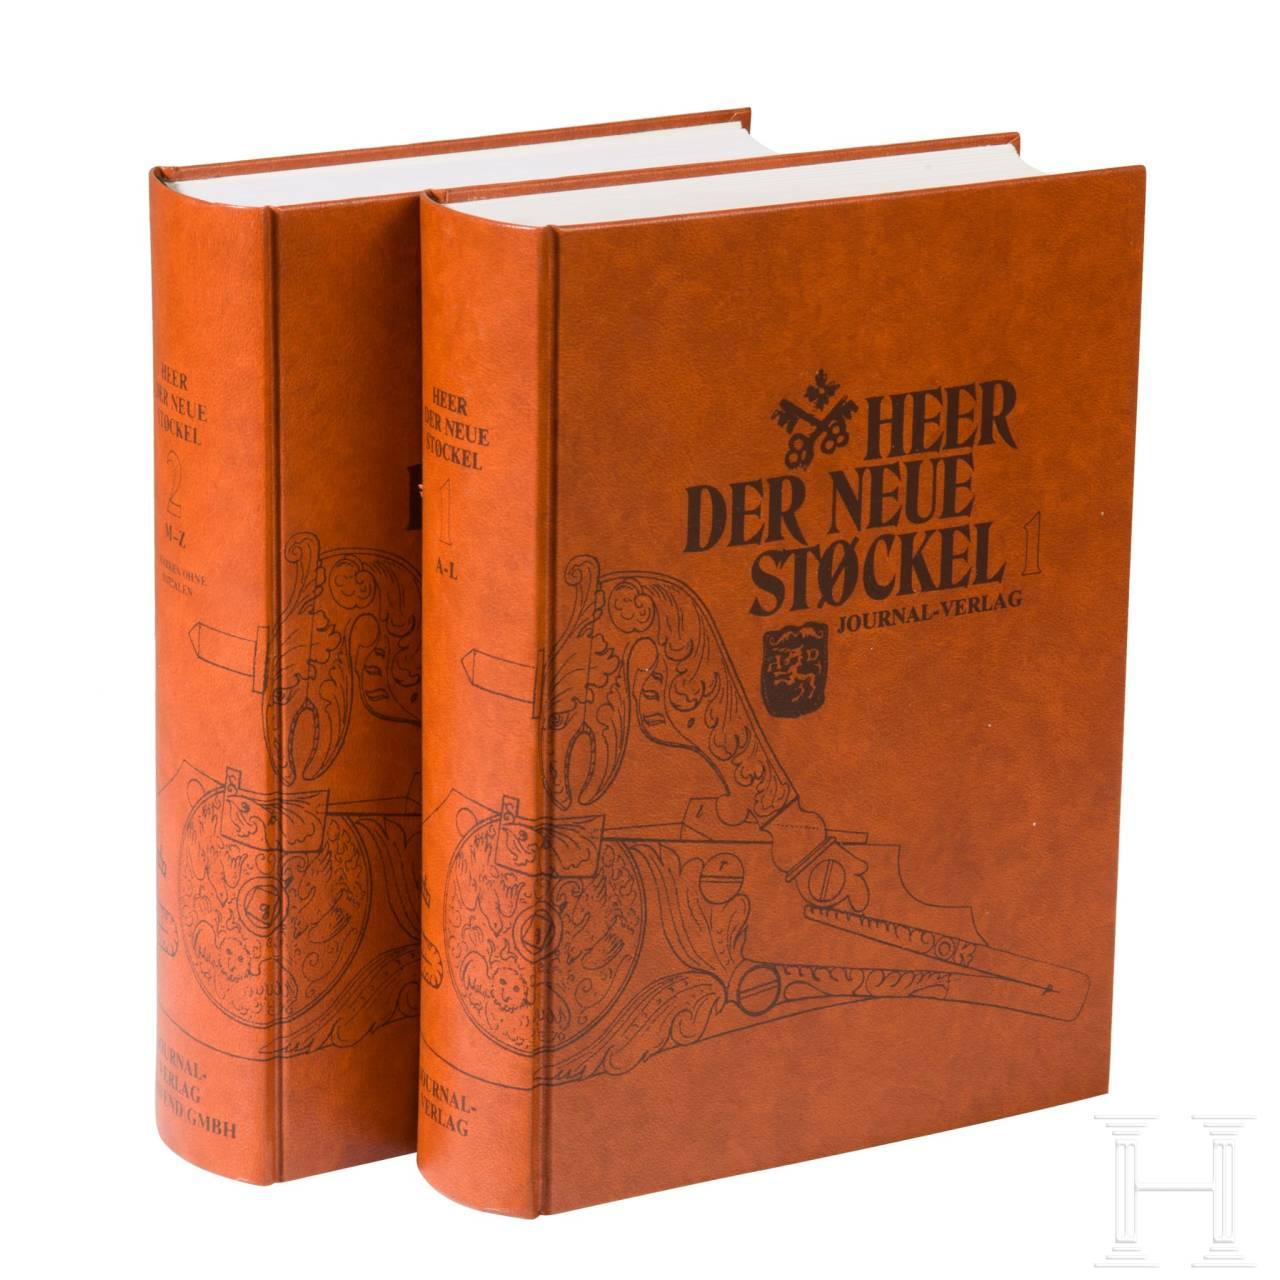 """Eugène Heer, """"Der neue Stöckel"""", zwei Bände"""